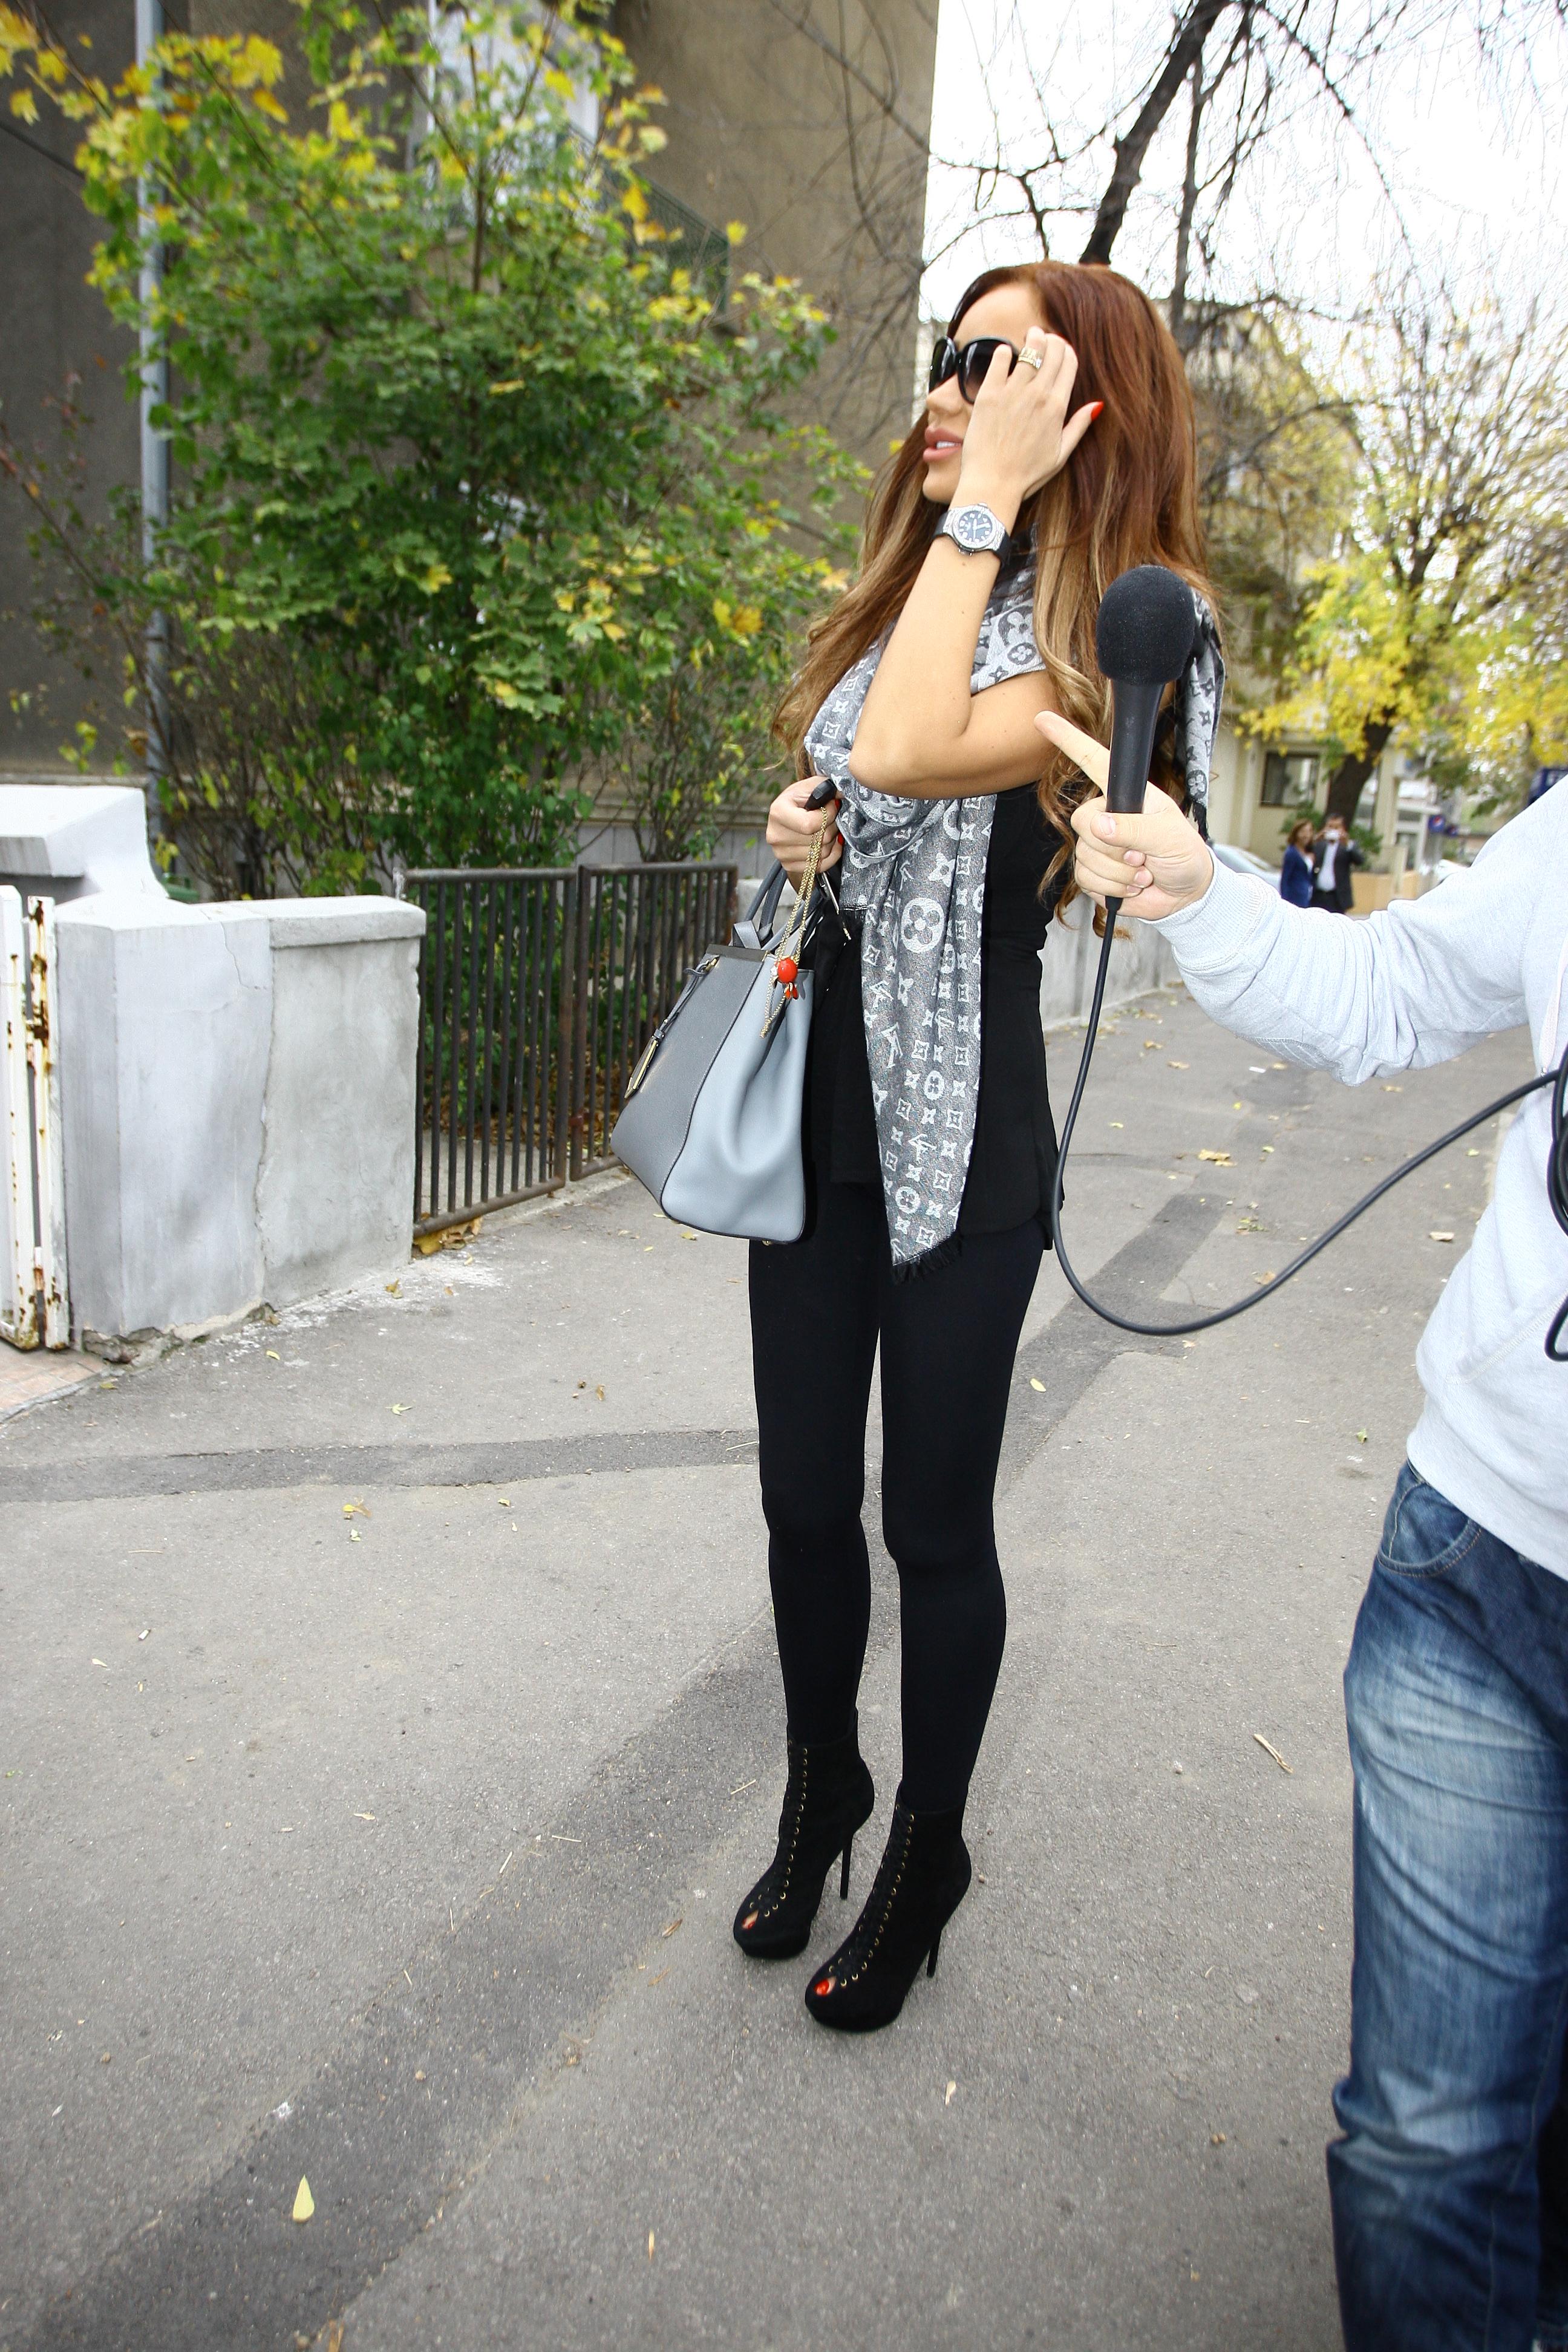 Bianca s-a intors din vacanta cu tinute vestimenare si pantofi